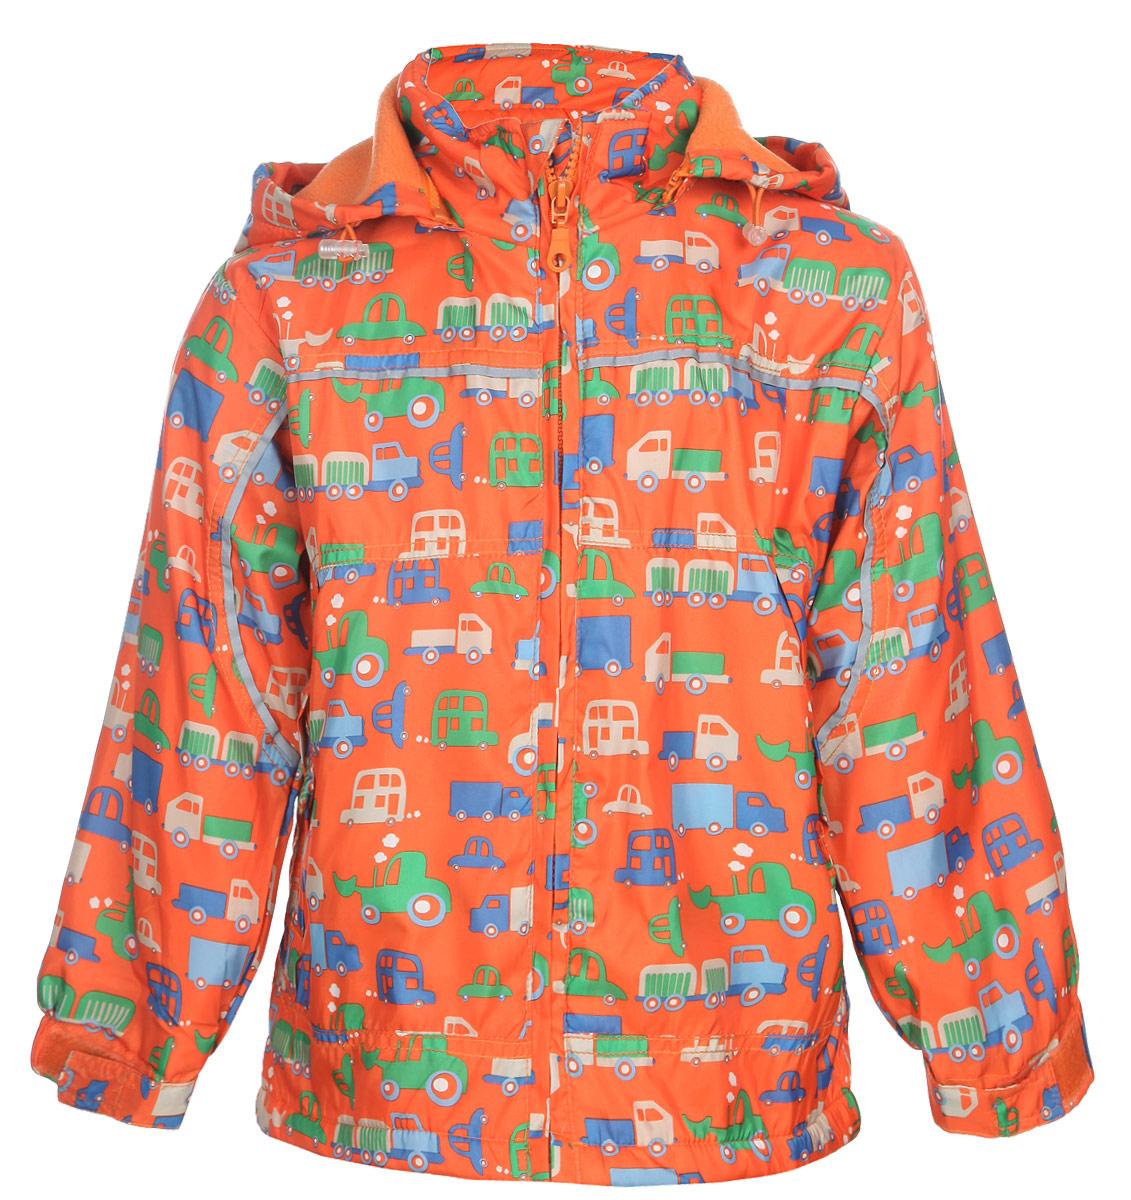 Куртка для мальчика M&D, цвет: оранжевый. 111525R-3. Размер 110111525R-3Яркая куртка для мальчика M&D идеально подойдет для ребенка в прохладное время года. Она выполнена из полиэстера и дополнена мягкой и теплой флисовой подкладкой.Куртка с воротником-стойкой застегивается на удобную застежку-молнию. Съемный капюшон фиксируется при помощи молнии, его объем регулируется при помощи эластичного шнурка со стопперами. Рукава оснащены широкими эластичными резинками, не стягивающими запястья, и хлястиками на липучках. Низ модели дополнен скрытым эластичным шнурком со стопперами. По бокам курточка дополнена двумя втачными кармашками на застежках-молниях. Изделие оформлено красочным принтом с изображением автомобилей и дополнена светоотражающими полосками. В такой куртке ваш маленький мужчина будет чувствовать себя комфортно, уютно и всегда будет в центре внимания!